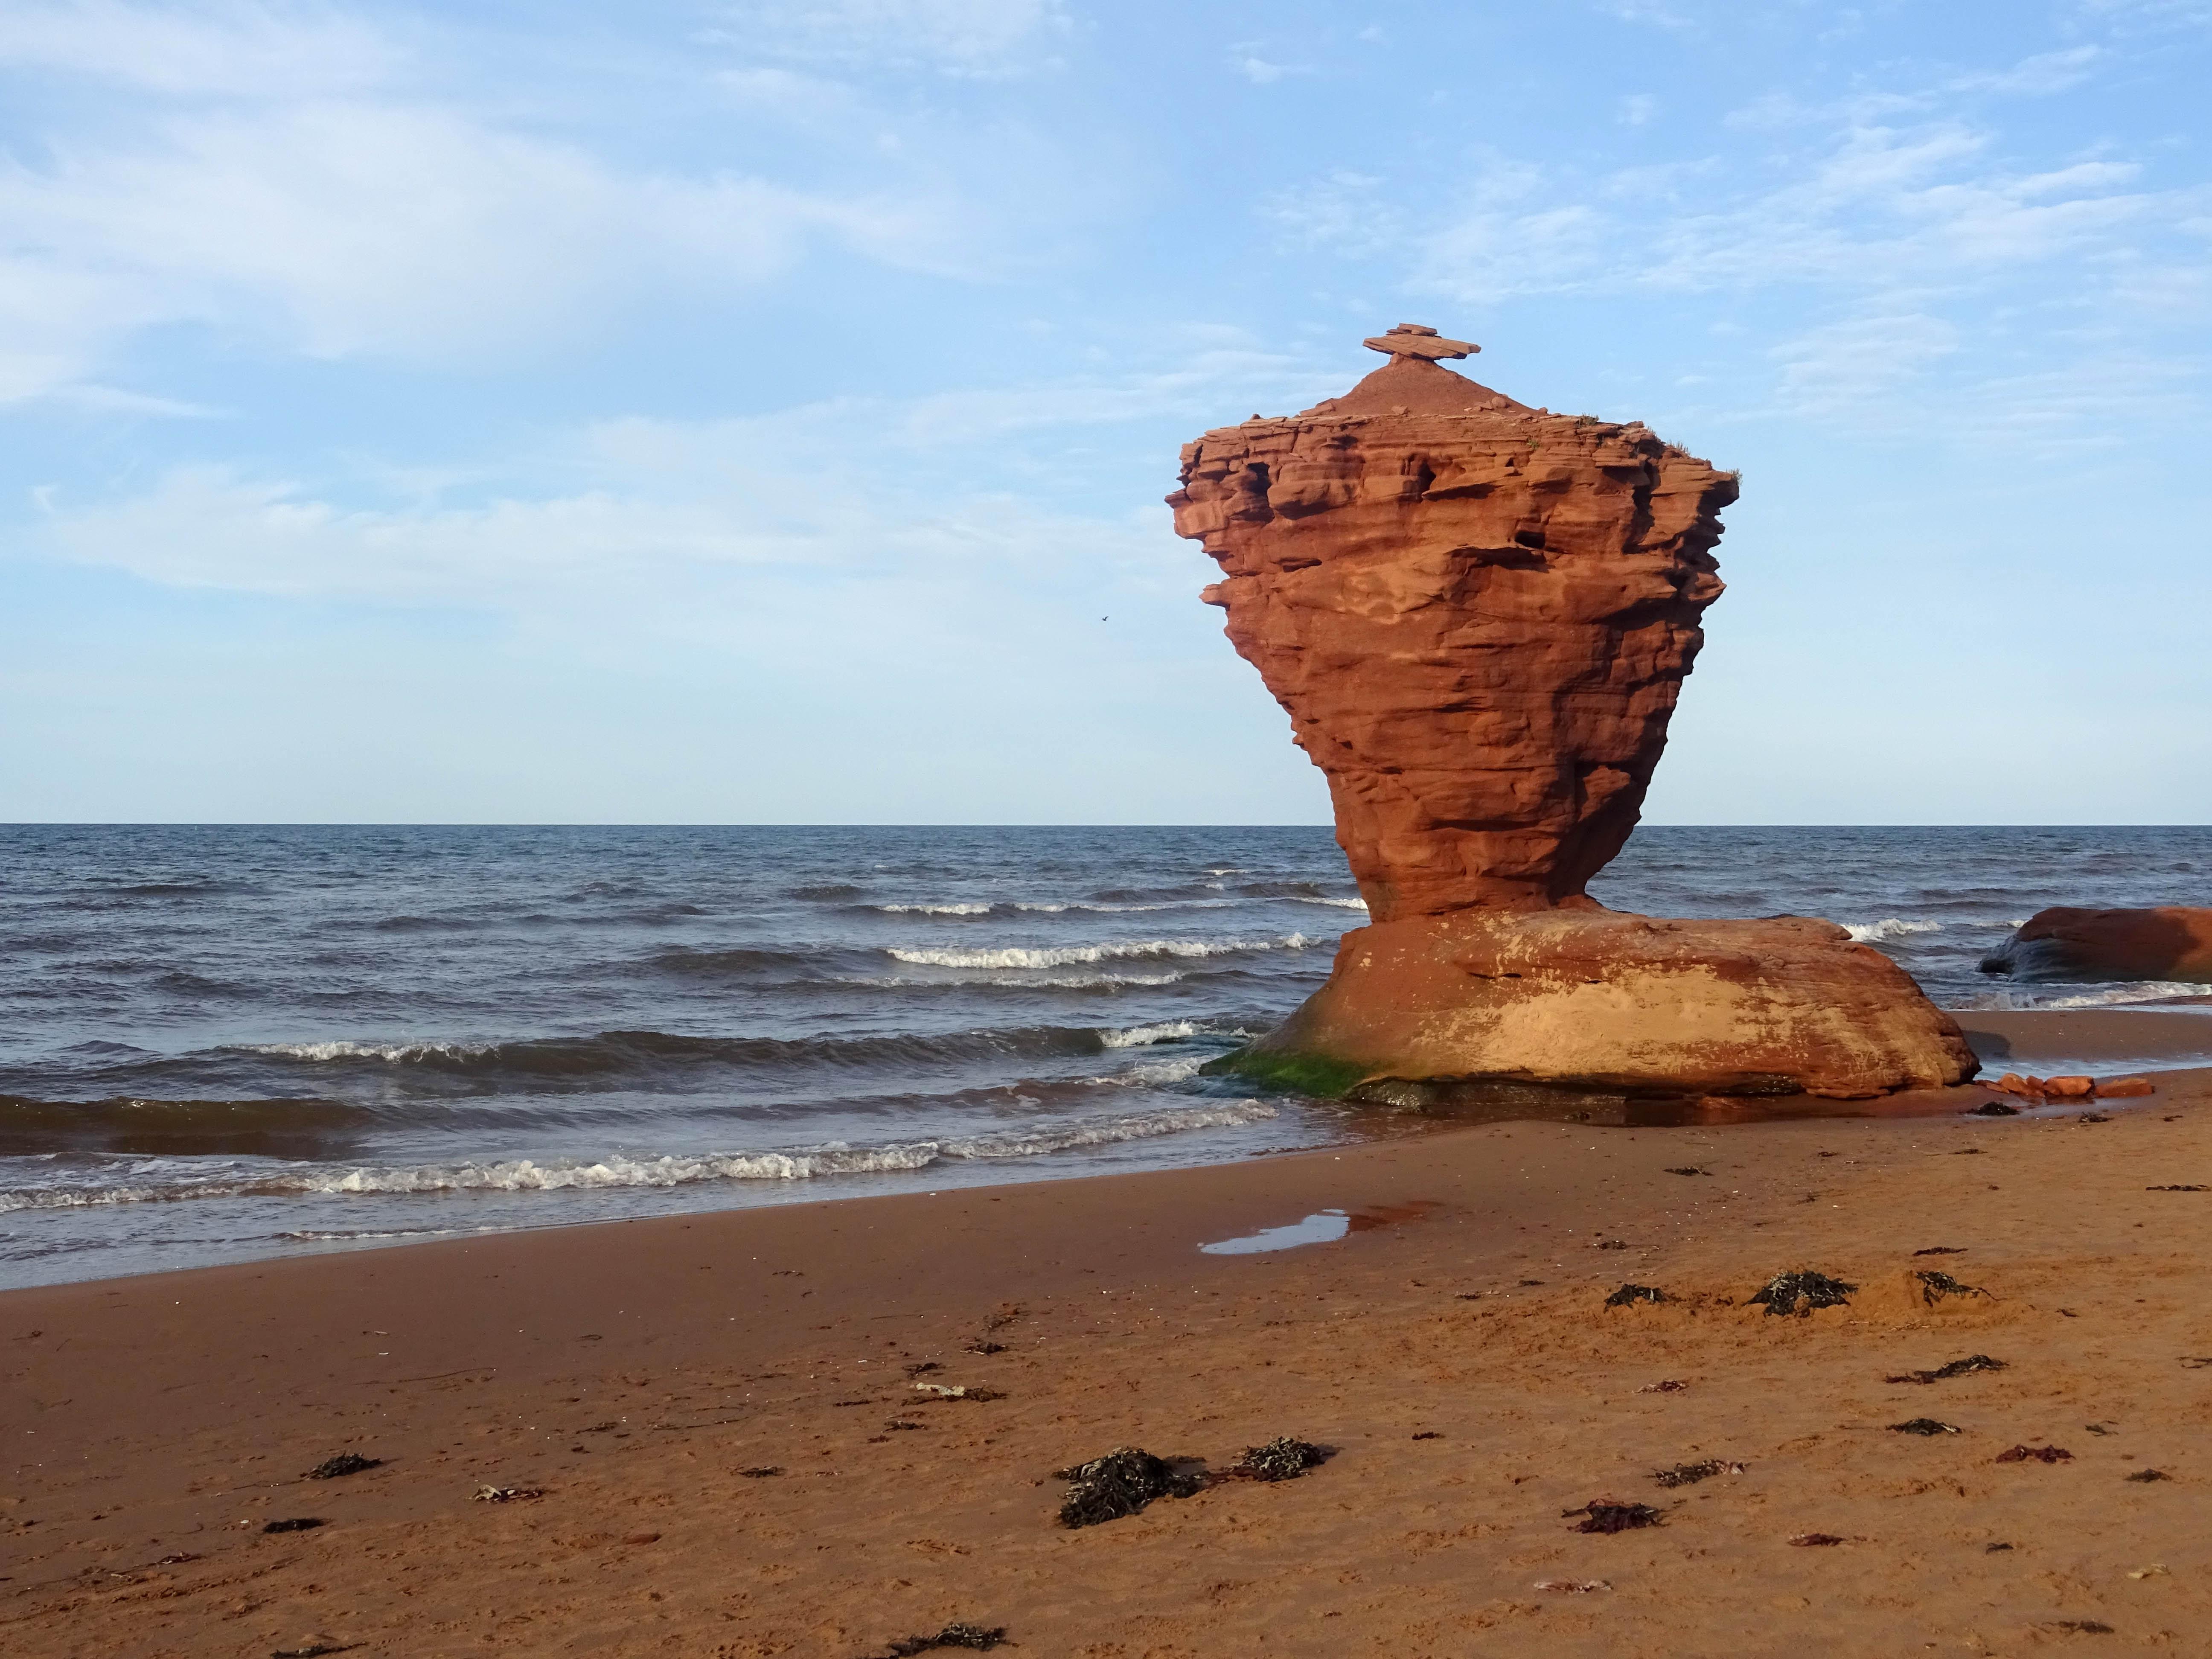 Plage Canada Ile du prince edouard en été Tea cup rock Thunder cove beach itinéraire road trip